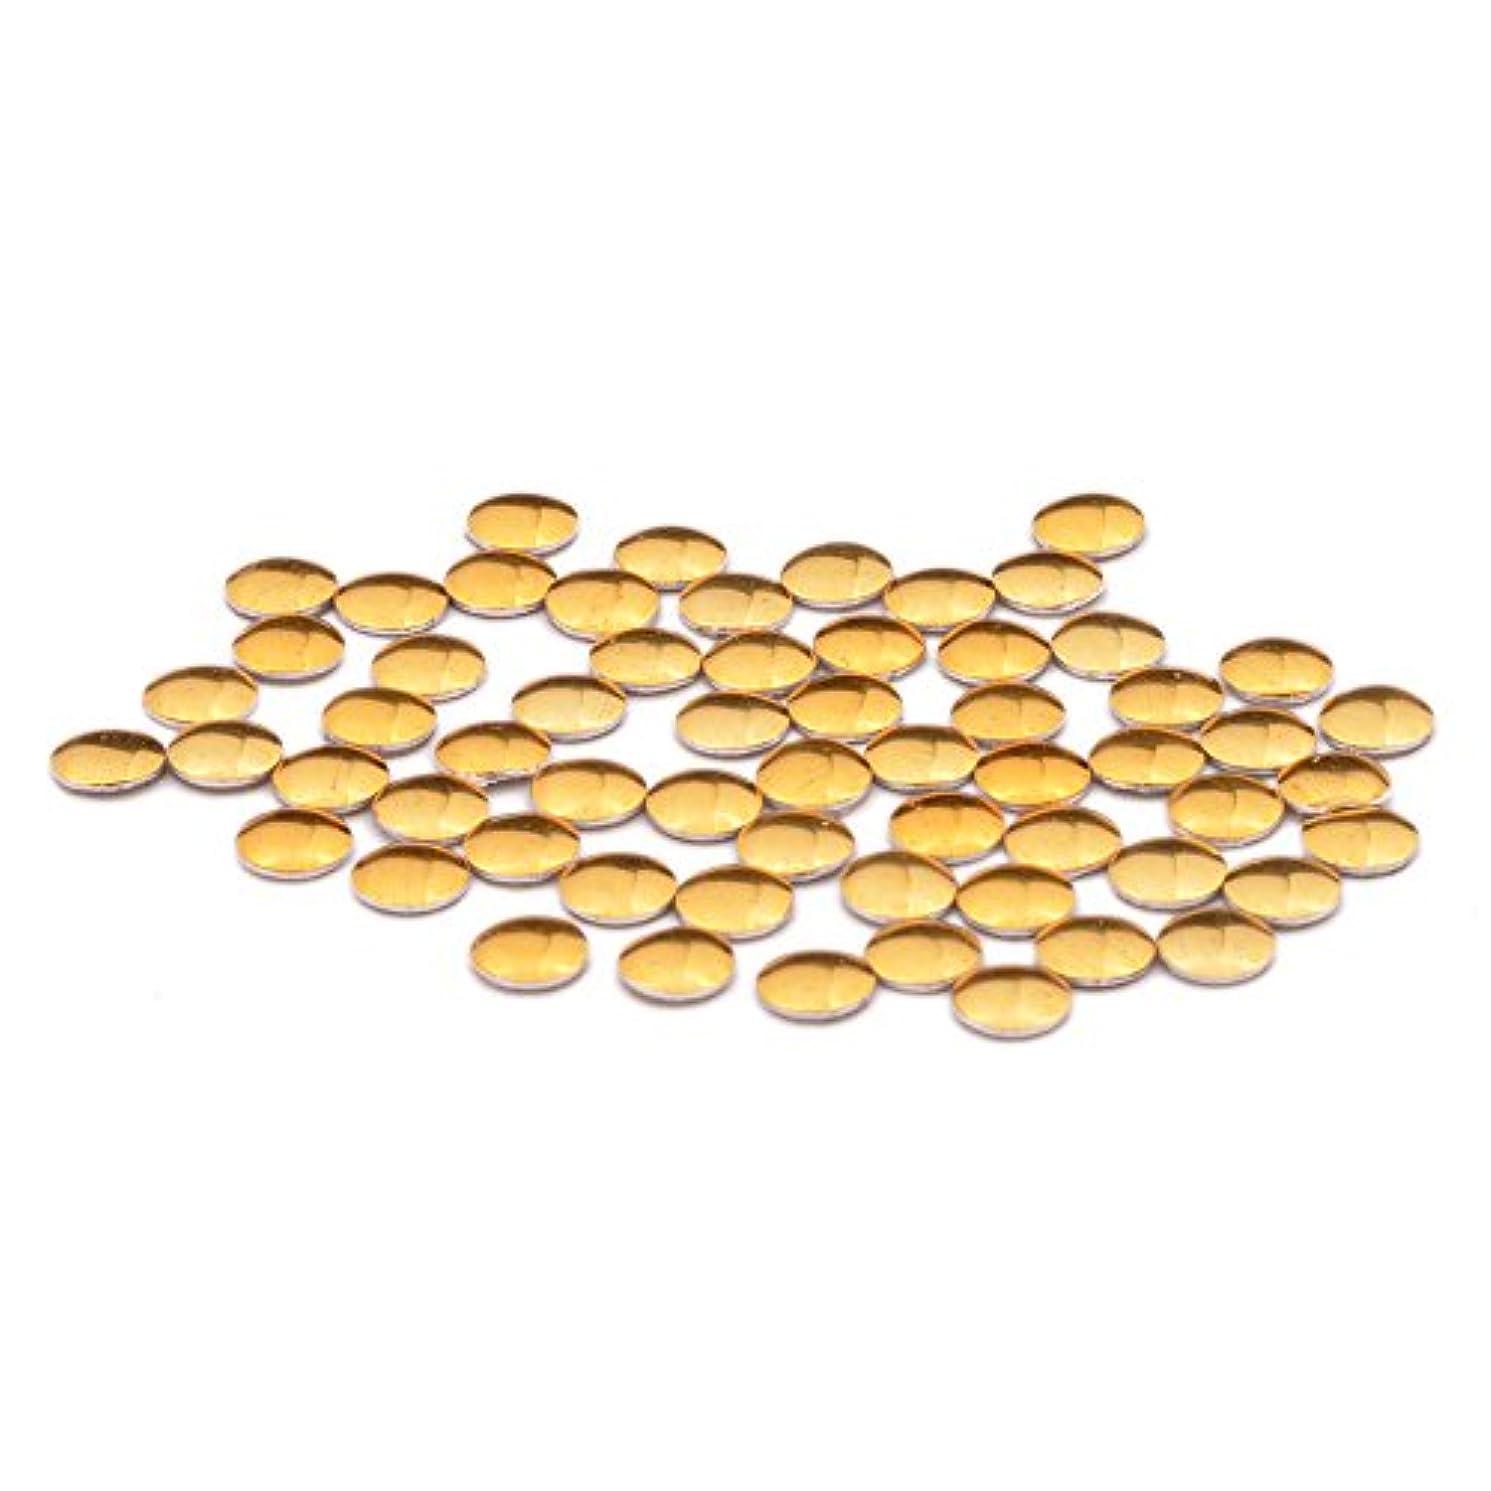 小川カップジュニアラウンド メタルスタッズ 丸型(0.8mm/1mm/1.2mm/1.5mm/2mm/2.5mm/3mm)約50粒入り (1mm, ゴールド)